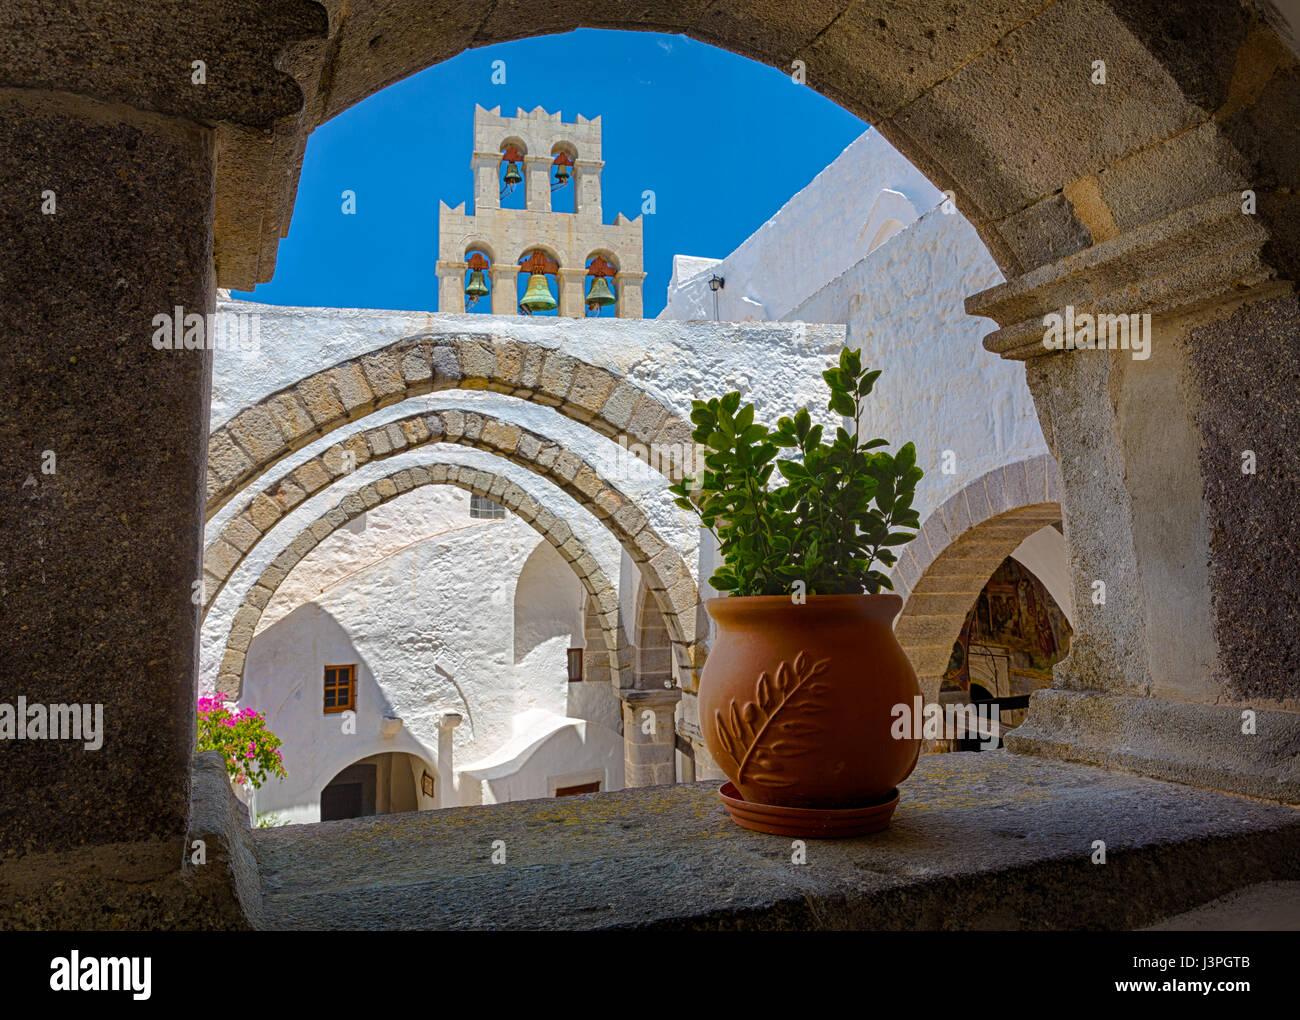 Monastère de Saint Jean le Théologien sur l'île grecque de Patmos. Monastère construit au 11ème siècle, encore un lieu de pèlerinage et grec O Banque D'Images